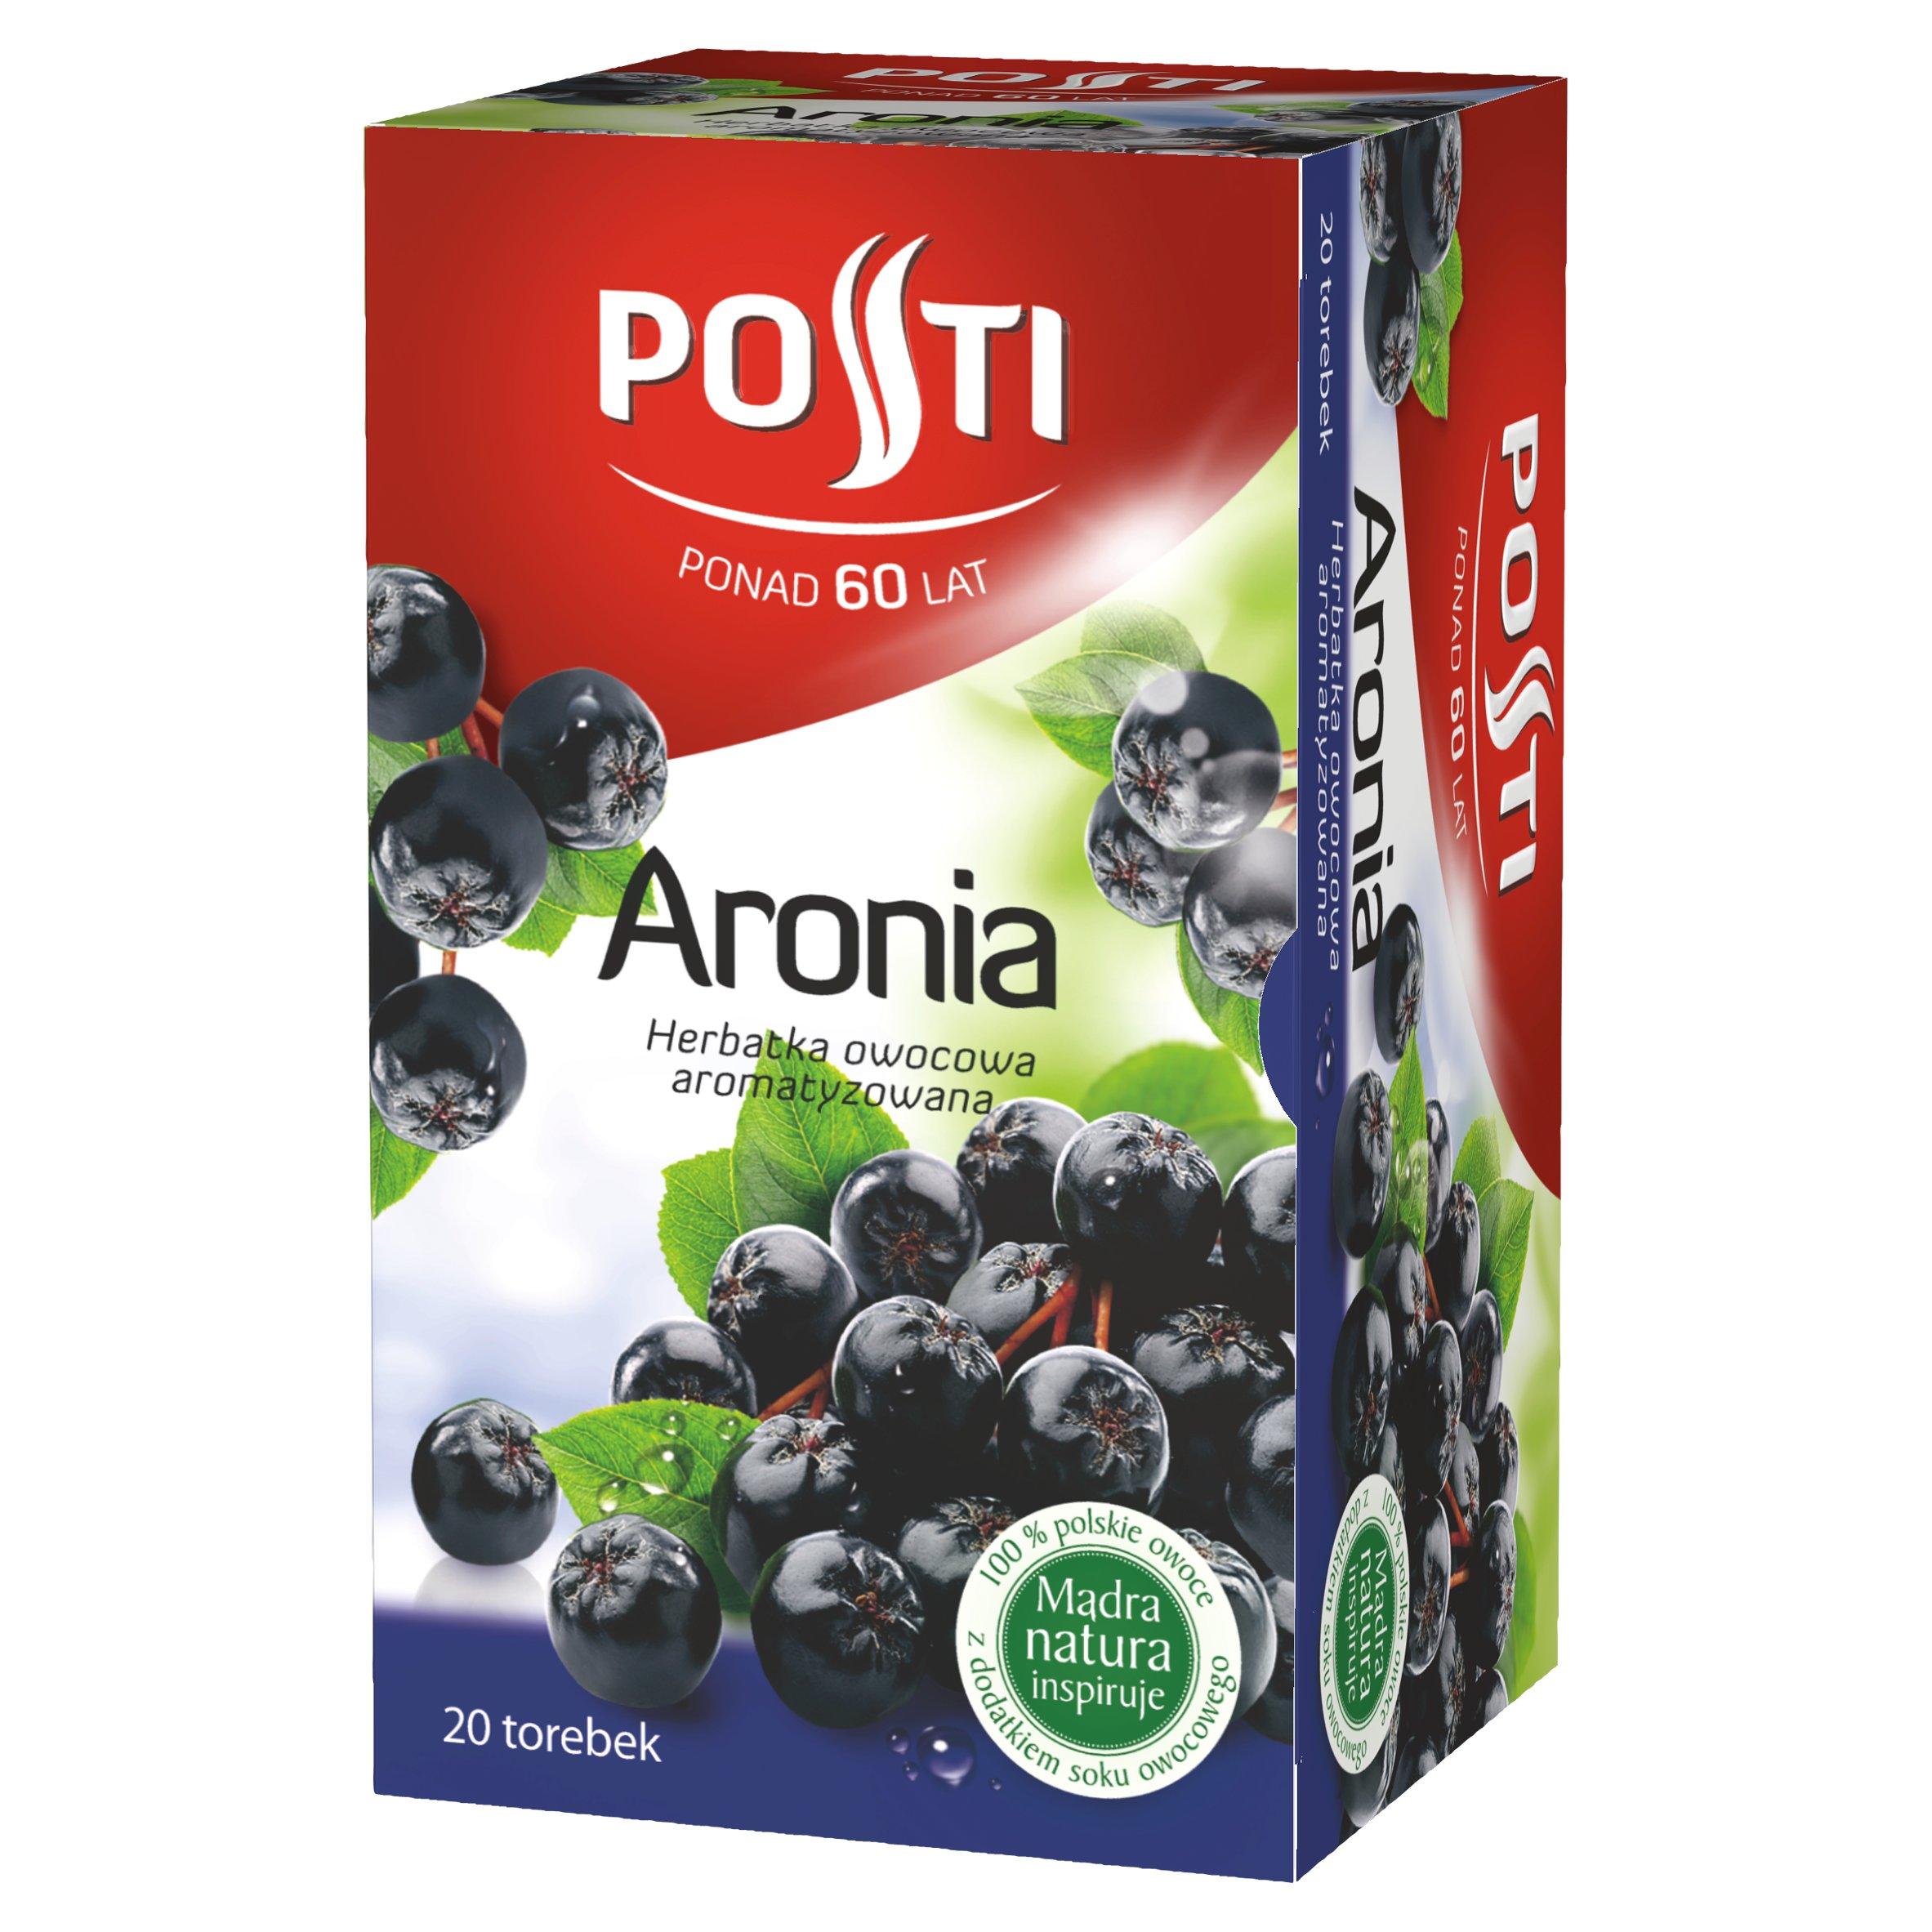 Posti Aronia Herbatka owocowa aromatyzowana 40g (20 tb)